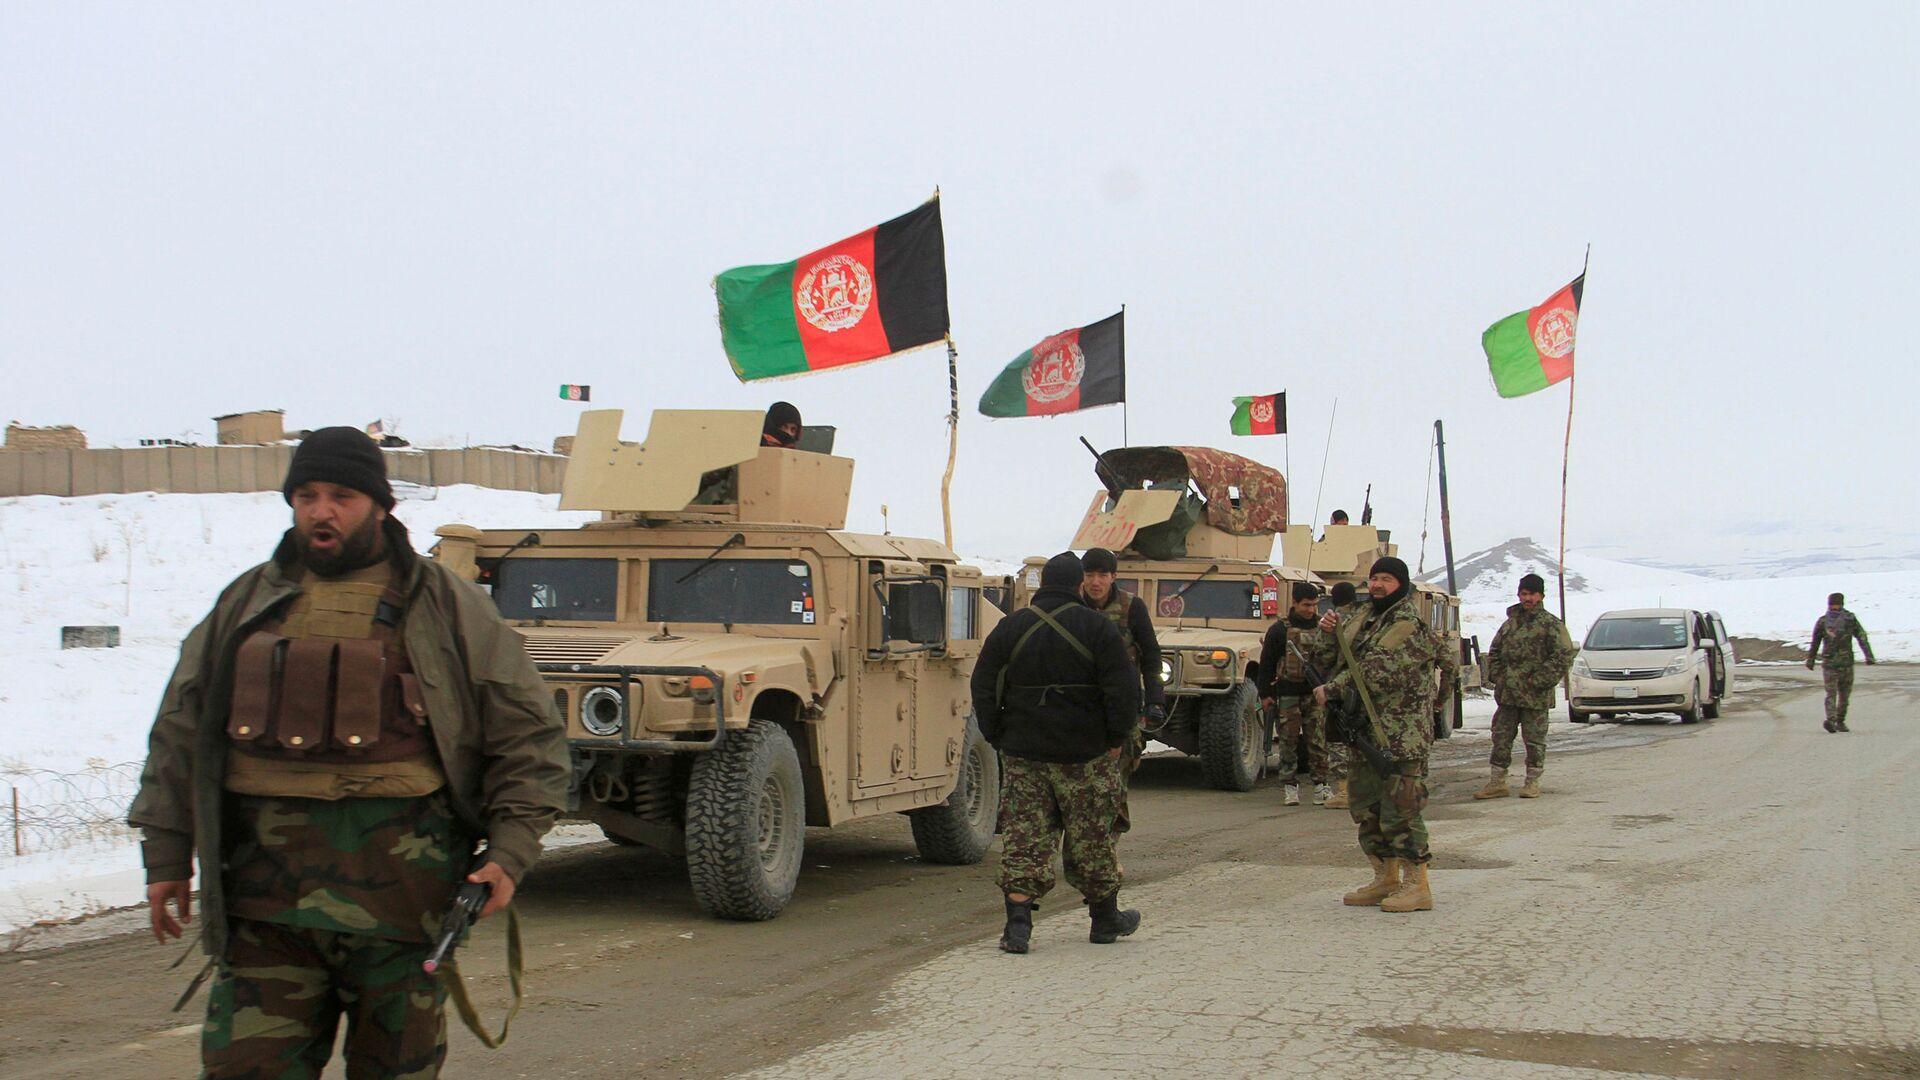 Afganistan'ın Gazne vilayetinin Taliban kontrolündeki karlarla kaplı dağlık bölgesine düşen uçağın enkazını bulmak üzere hem yerel personel hem de Afgan askerleri gönderildi.   - Sputnik Türkiye, 1920, 12.08.2021